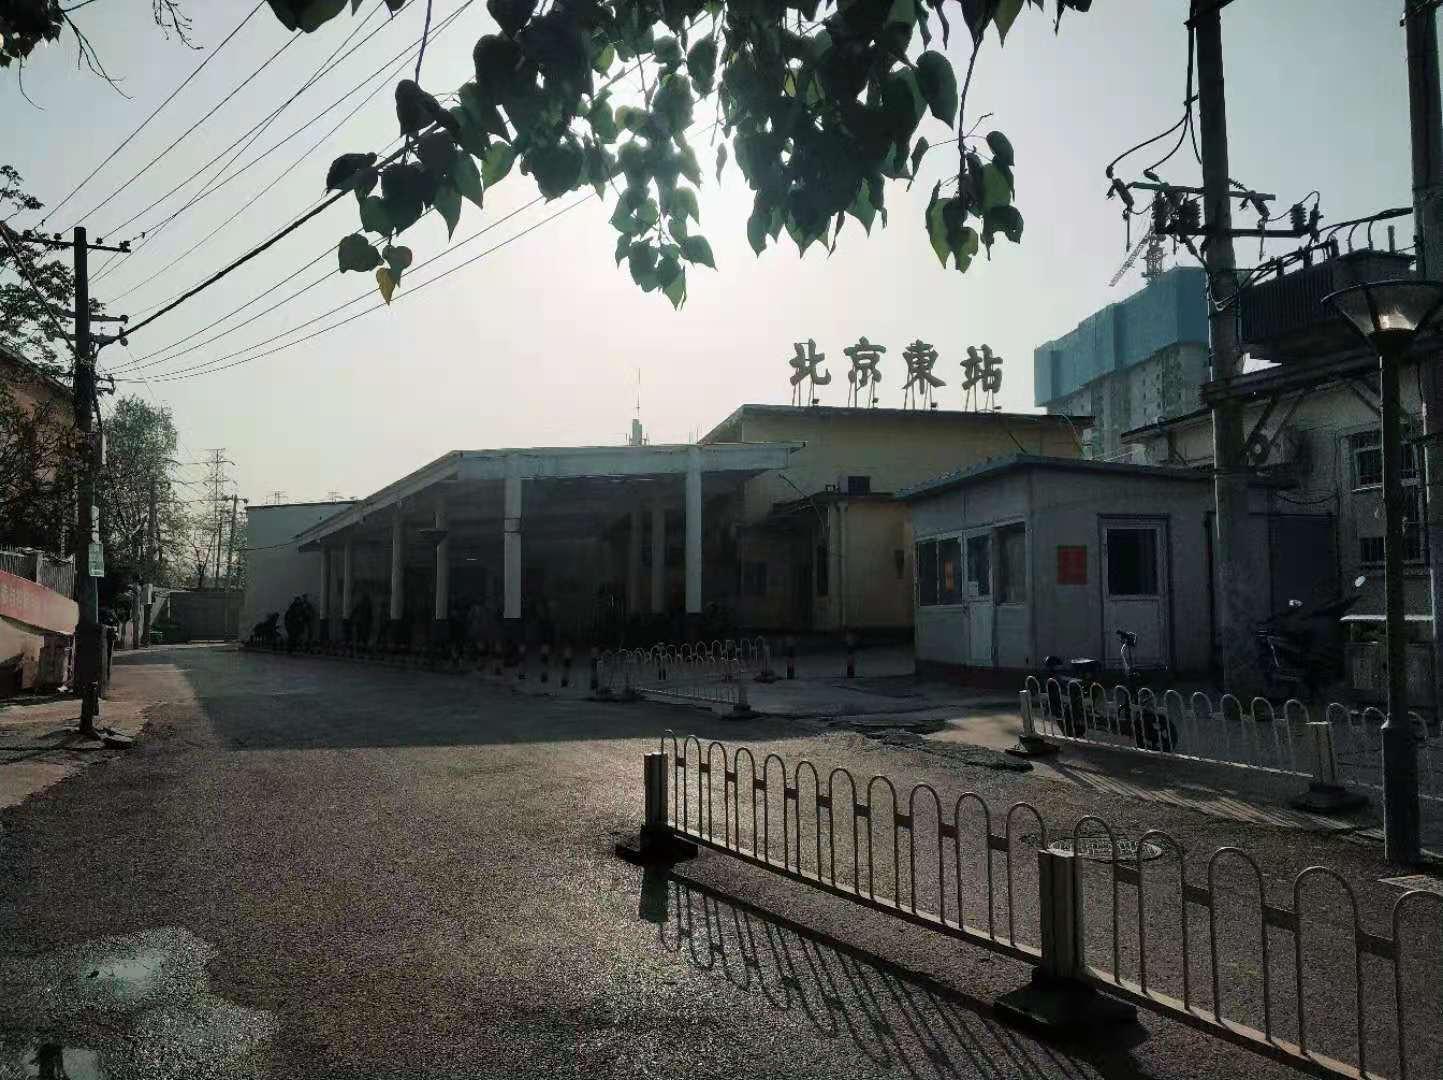 北京东站。本文图片均由作者拍摄